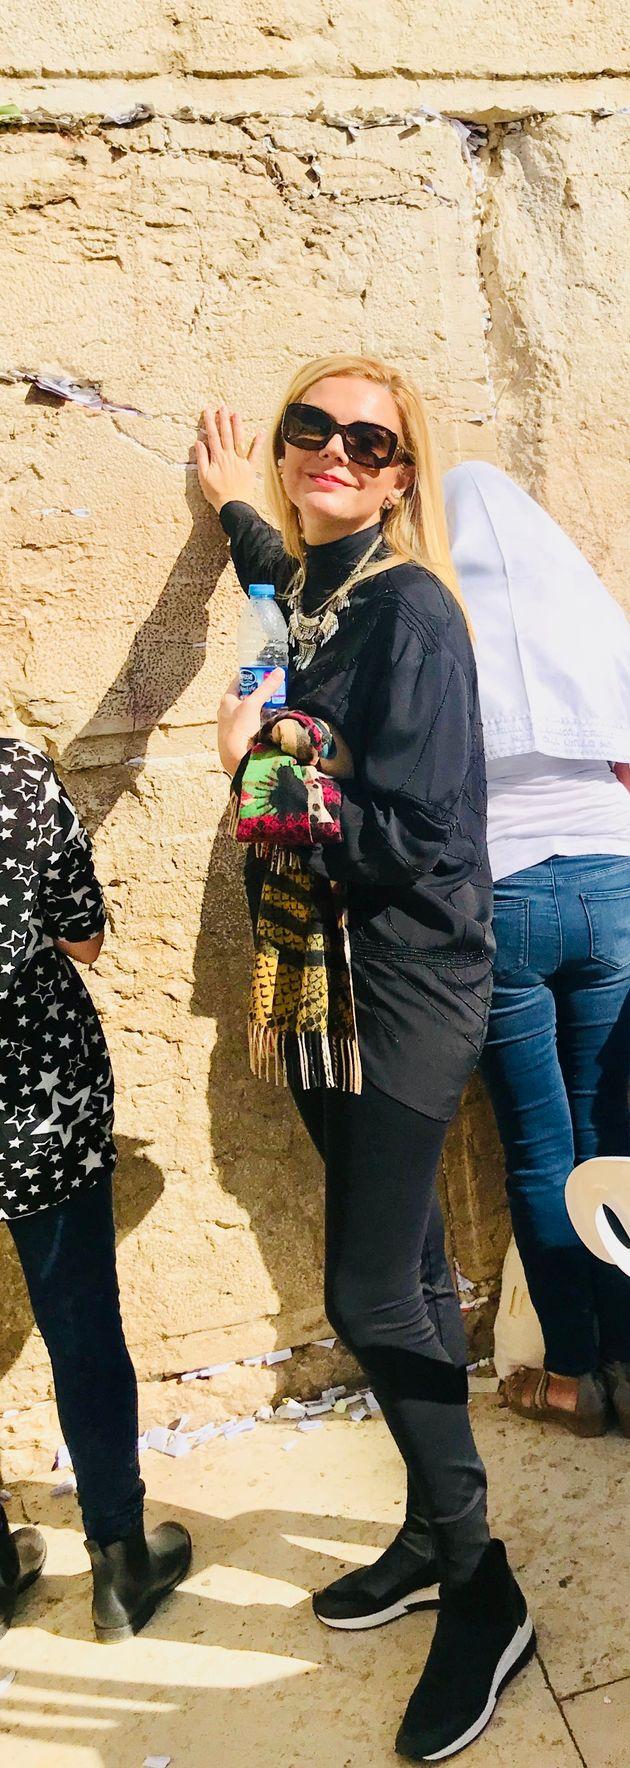 Το δικό μου Ισραήλ: Οδοιπορικό σε μια μοναδική